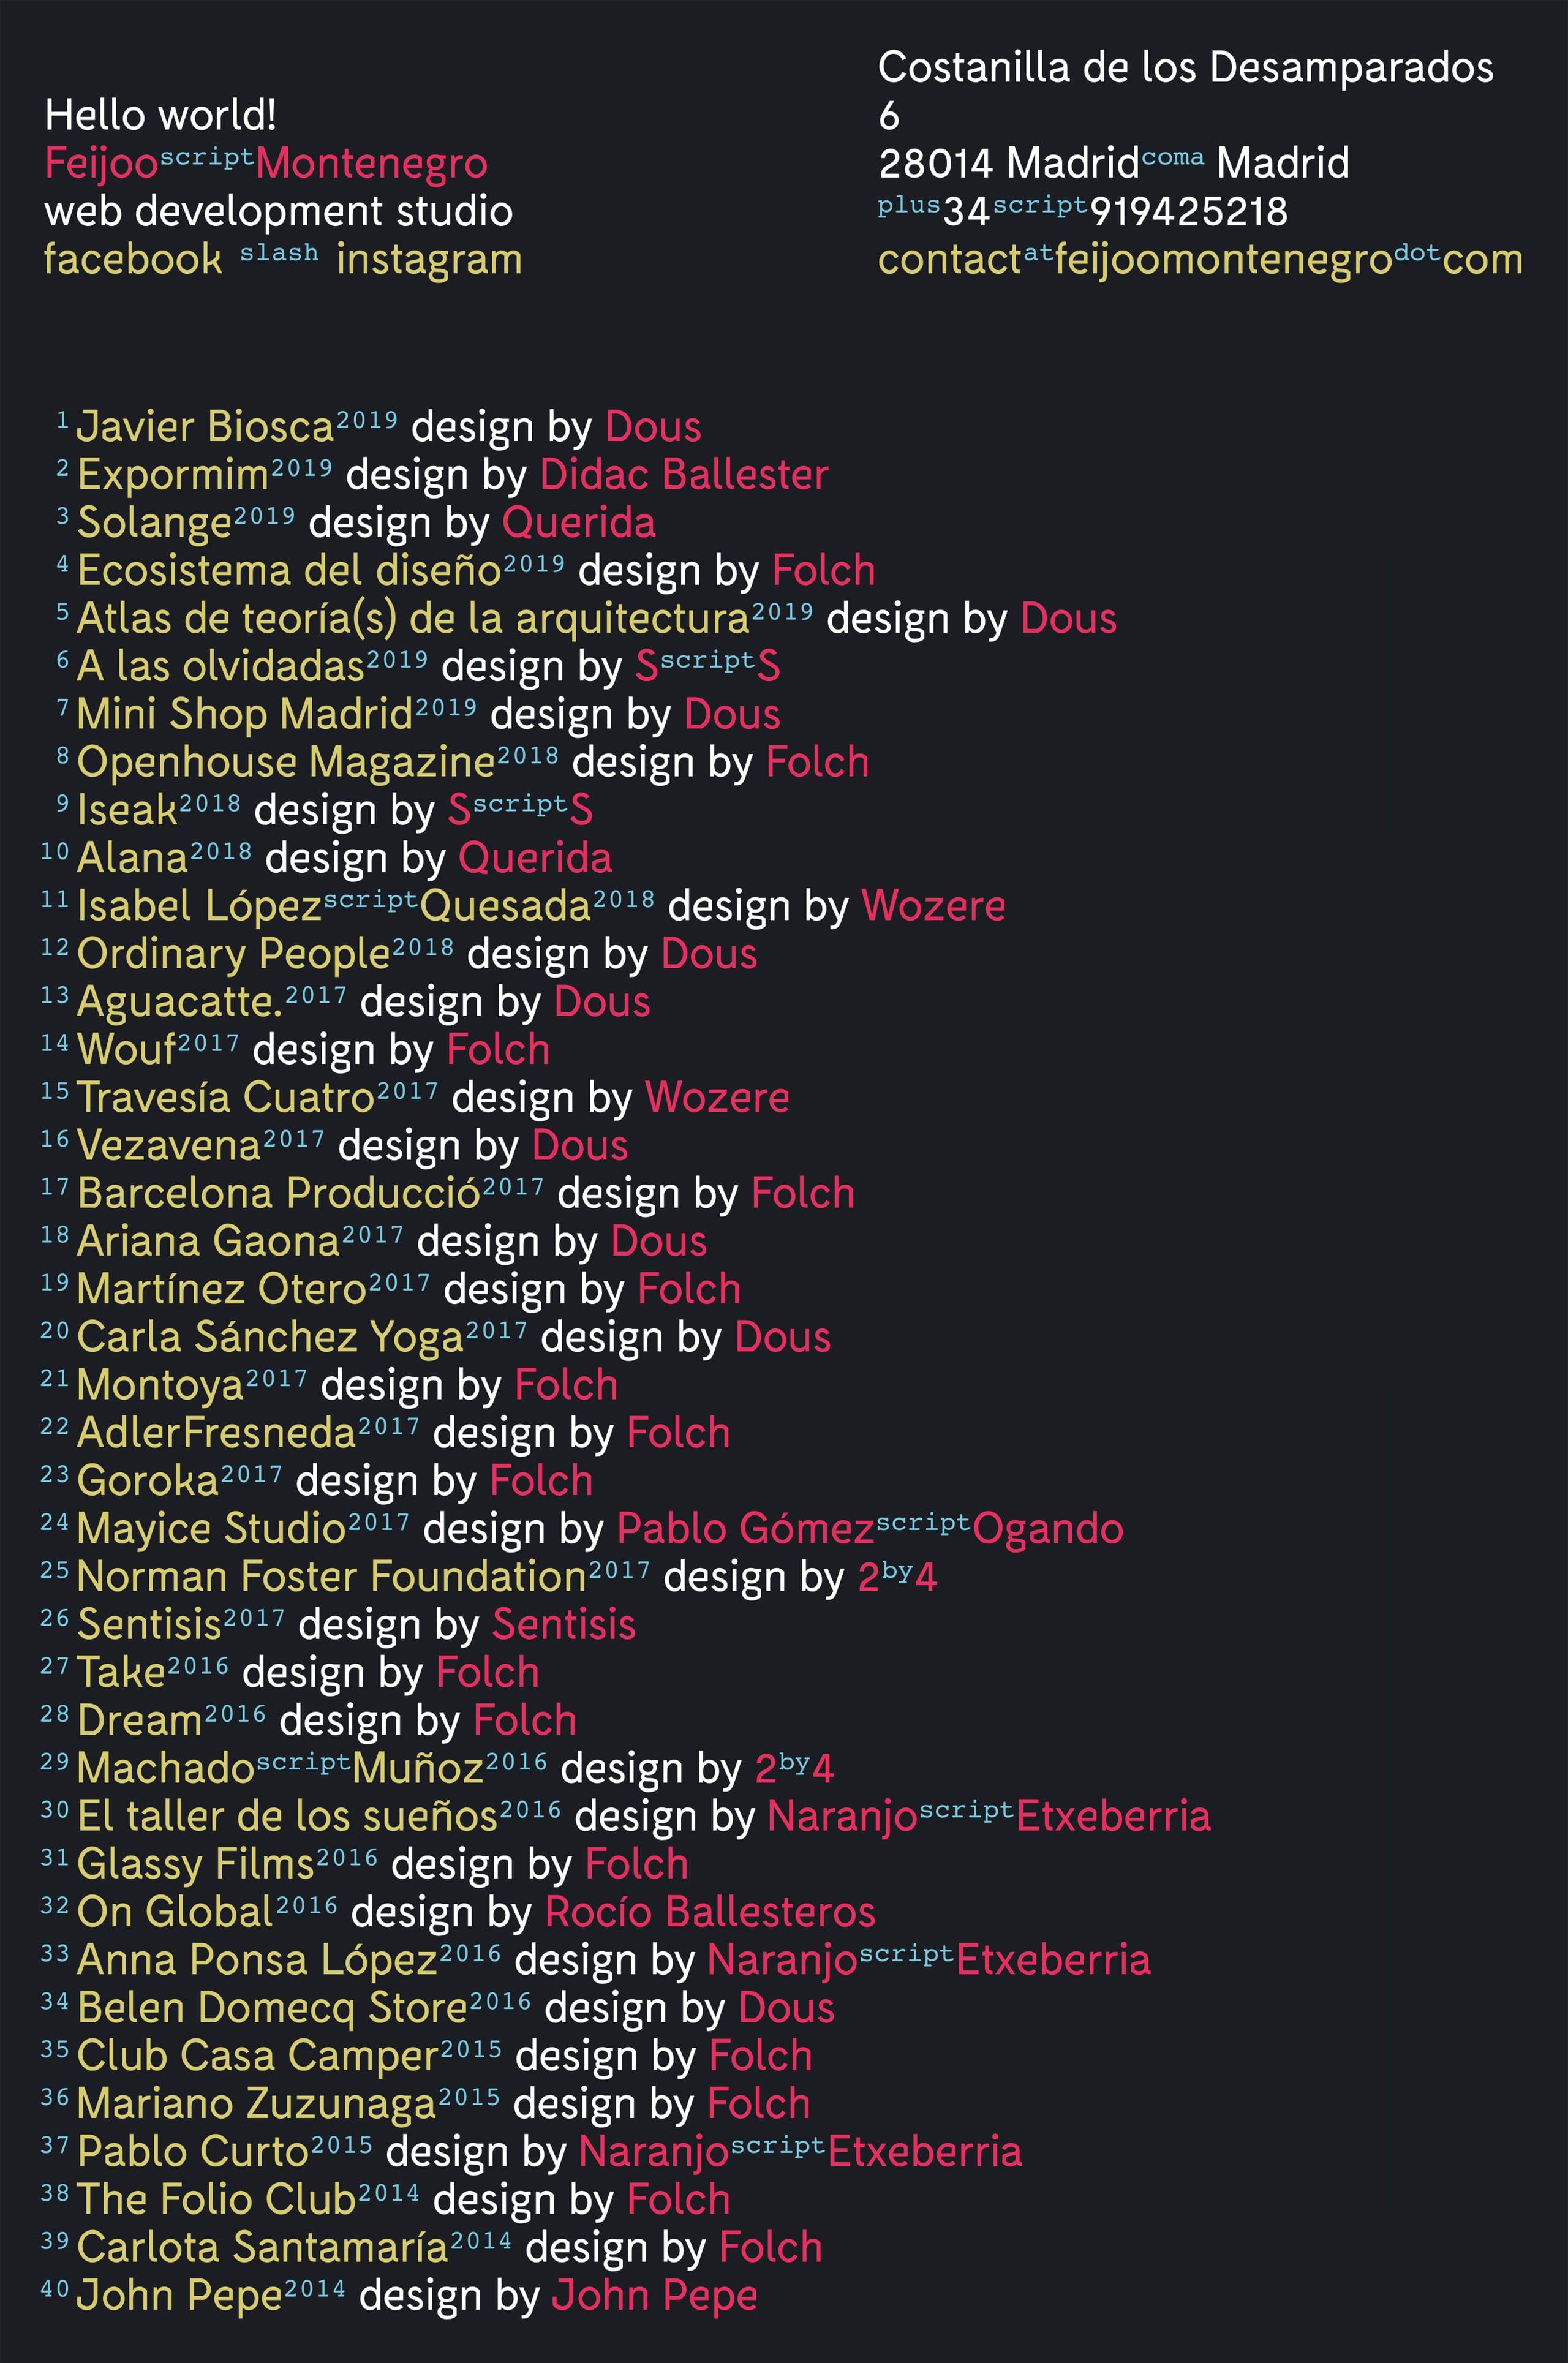 Feijoo-Montenegro Website Screenshot